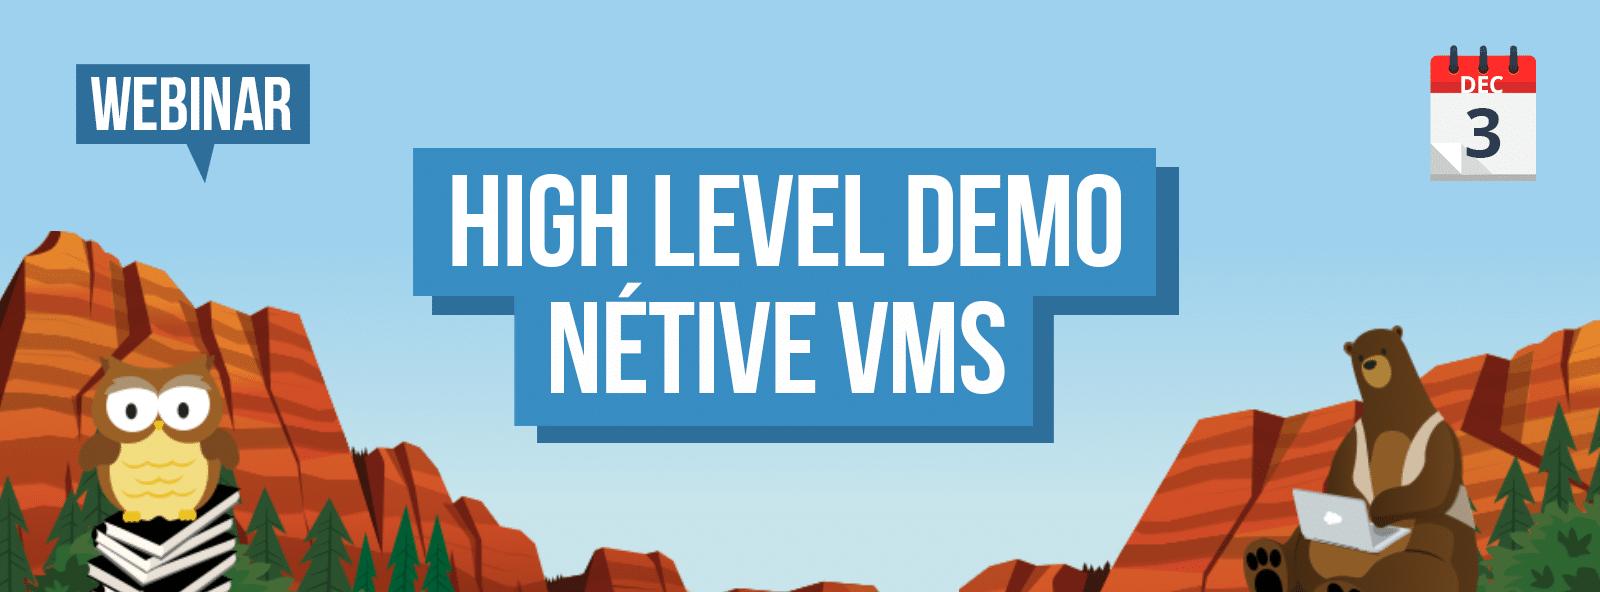 Webinar Netive VMS High Level Demo 3 december